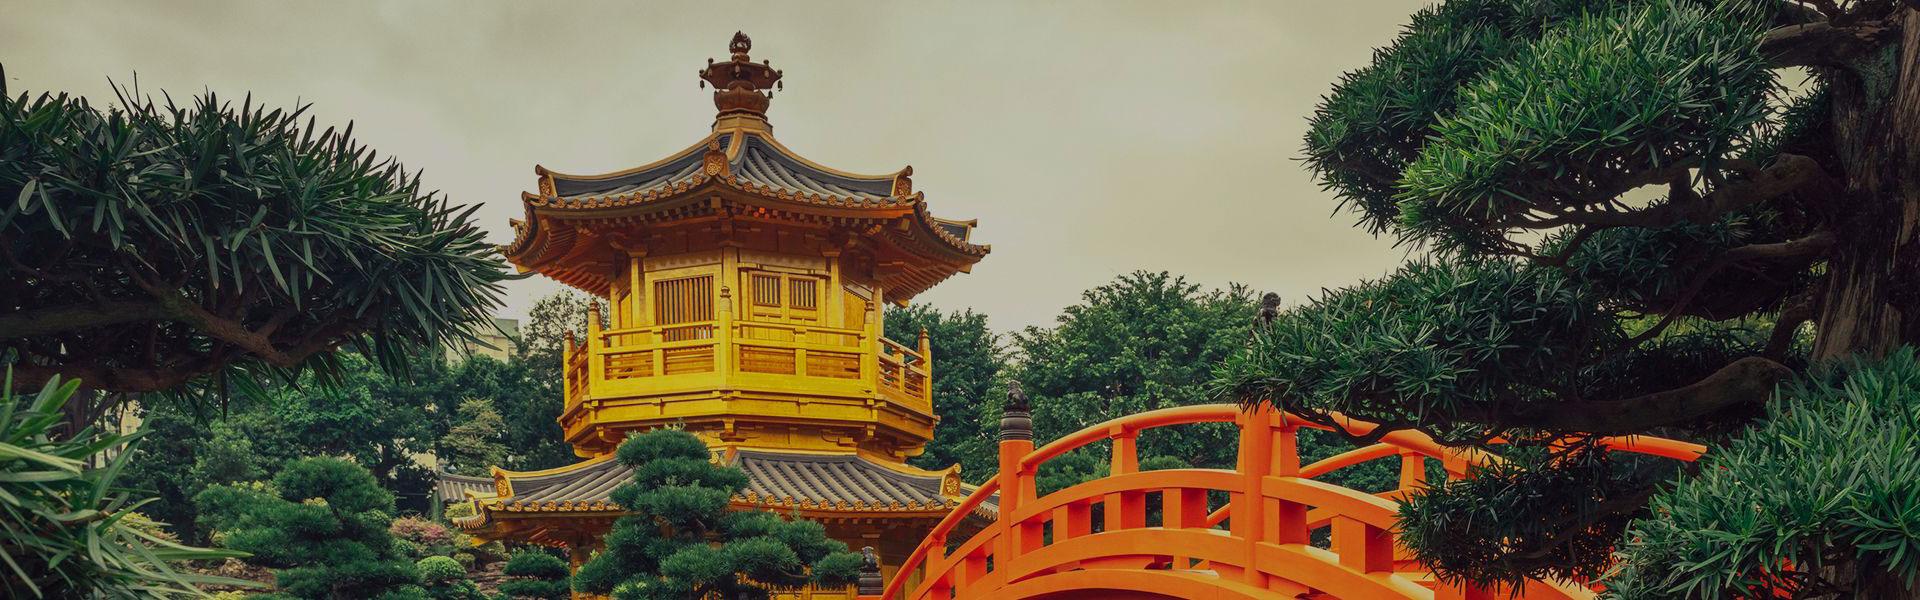 Nan Lian Garden and temple in Hong Kong